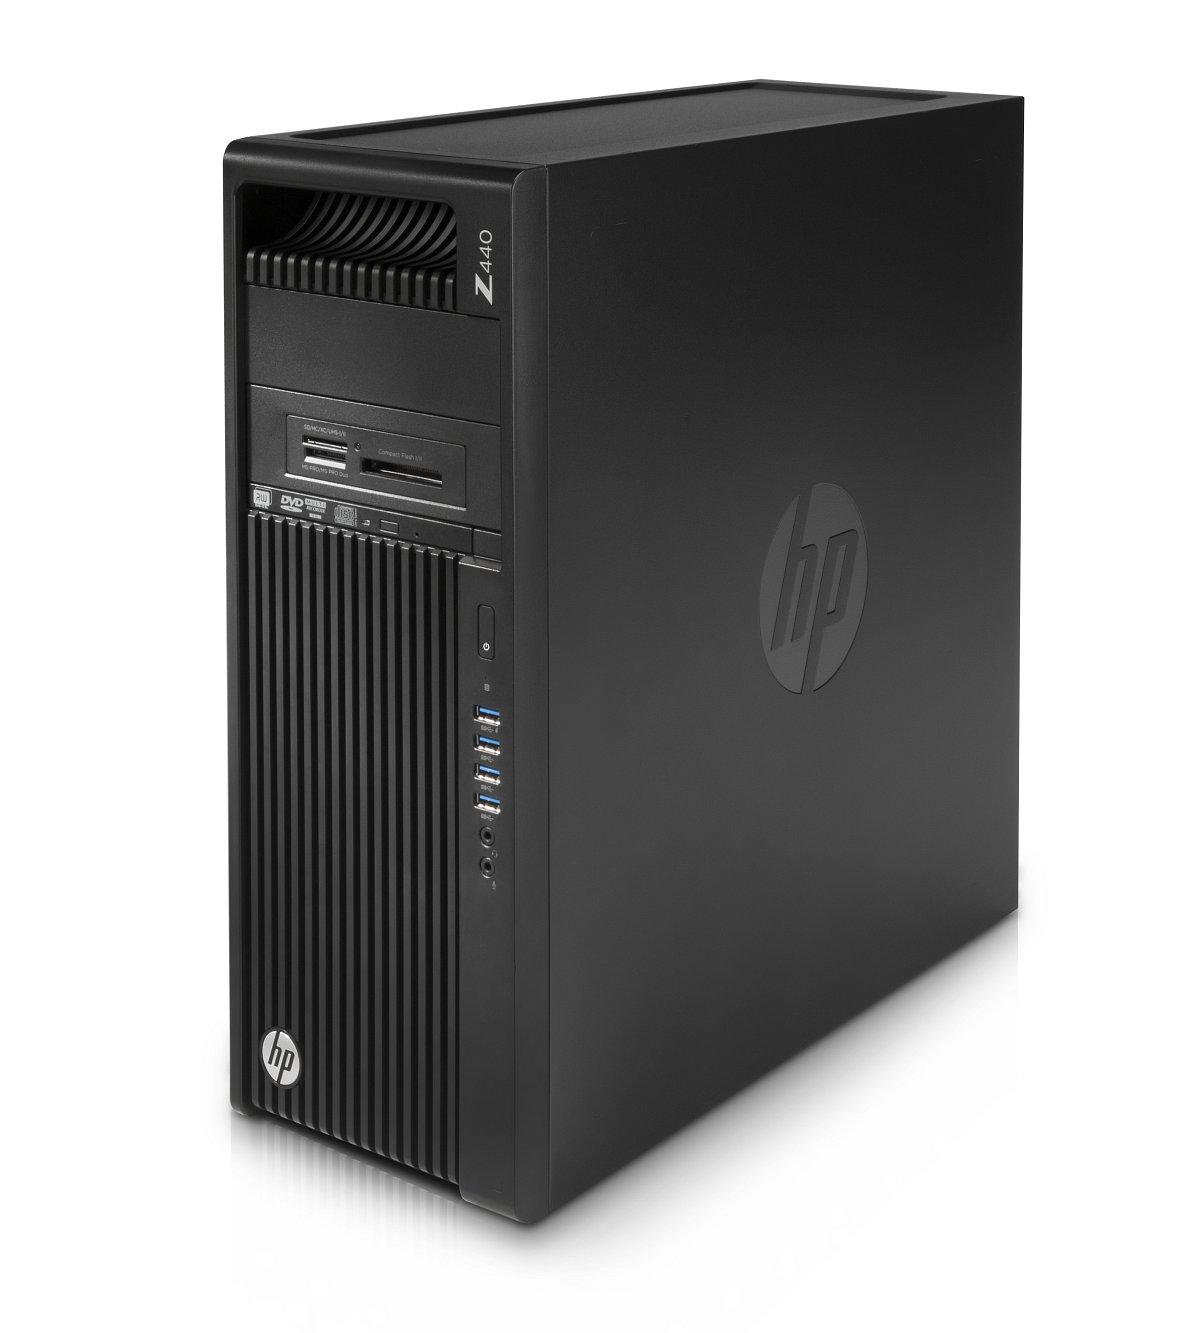 HP Z440 E5-1620v4 3.50GHz /16GB DDR4-2400 (2x8GB)/256GB SSD PCIe/NVIDIA Quadro P2000 4GB 4xDP/Win 10 Pro WS license